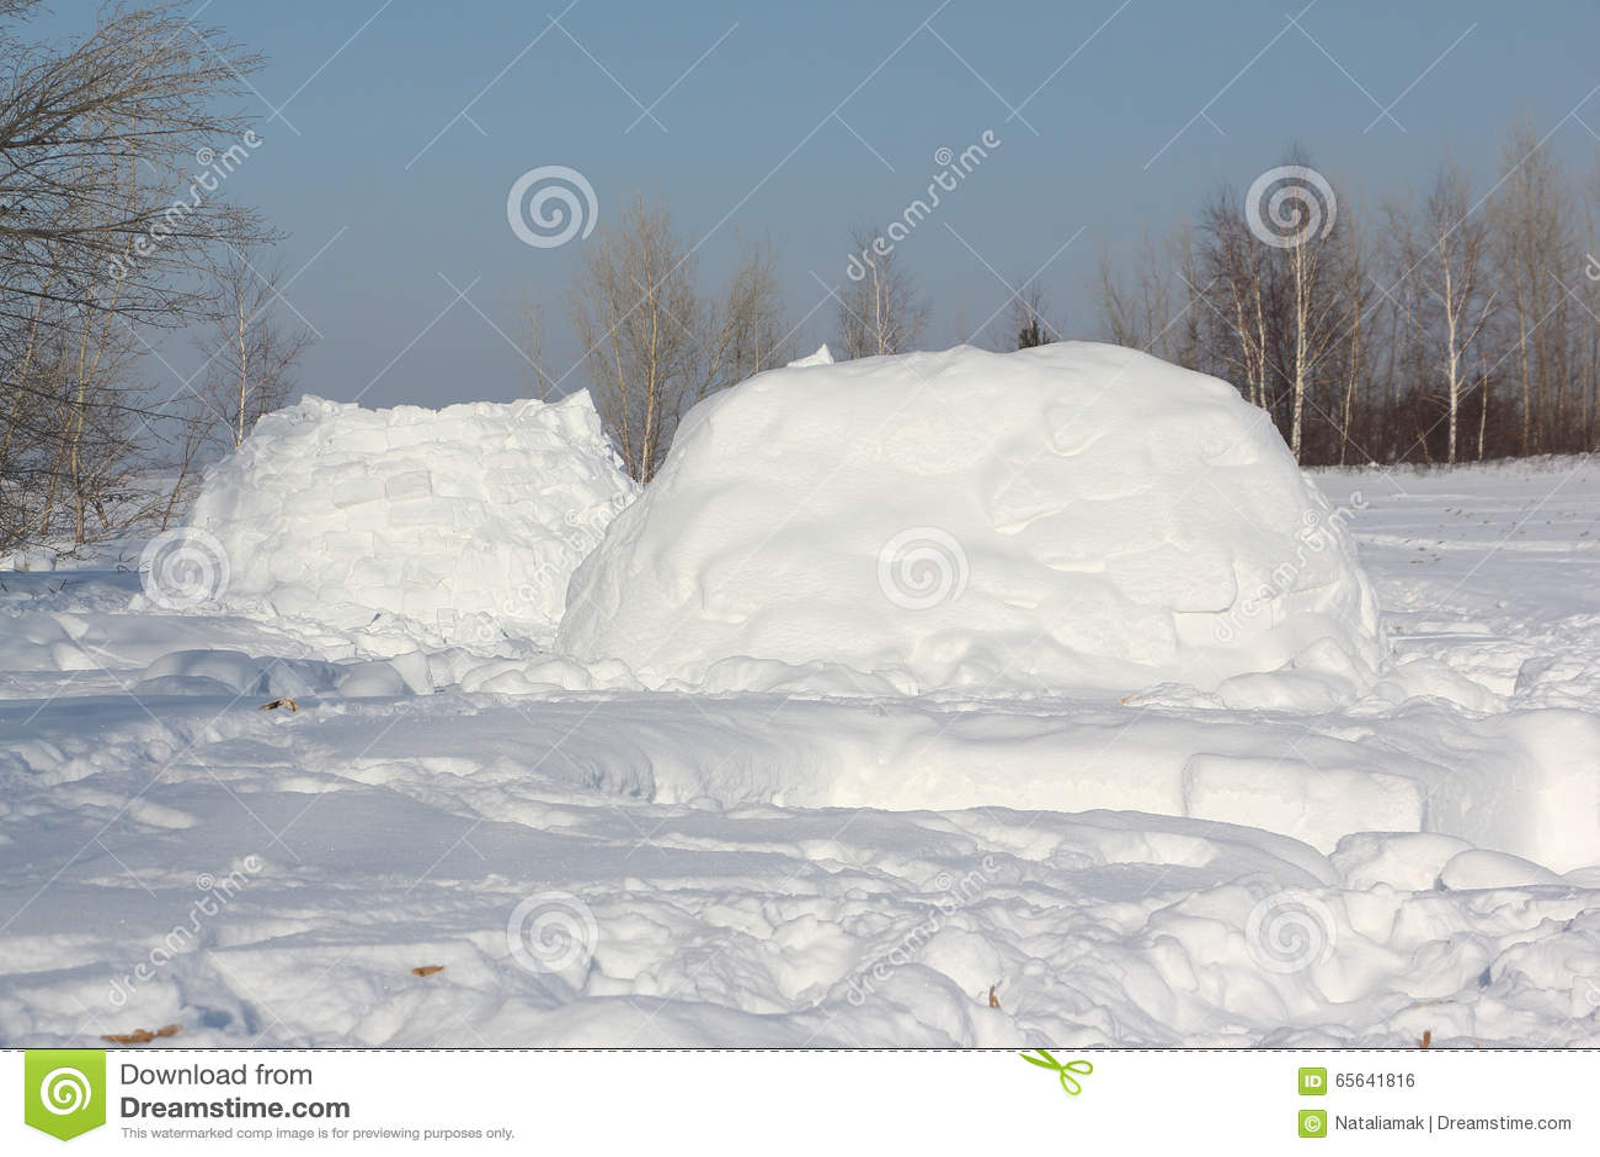 Le logement un igloo sur une clairière de neige